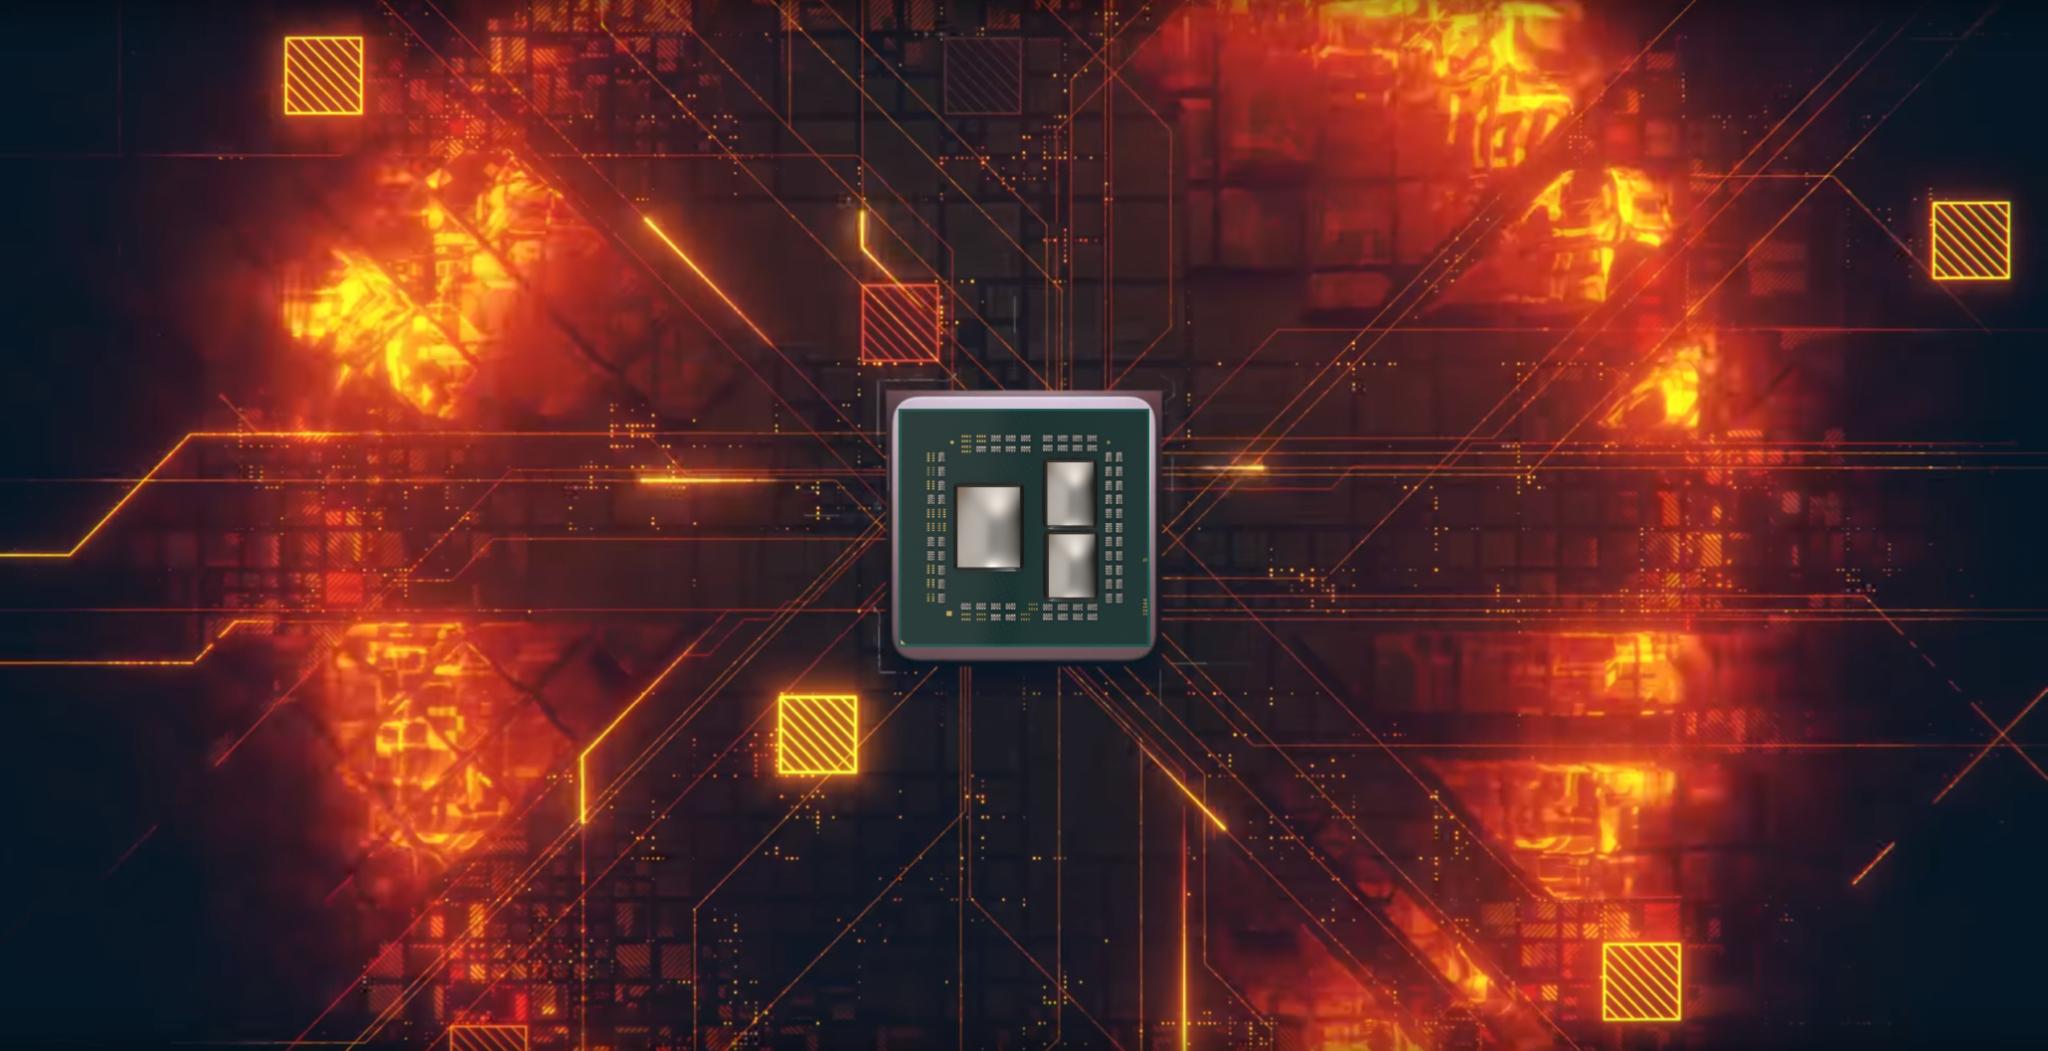 Nové AMD Zen 2 procesory: Na hráčov bude čakať maximálna frekvencia až 5 GHz a obrovský počet jadier